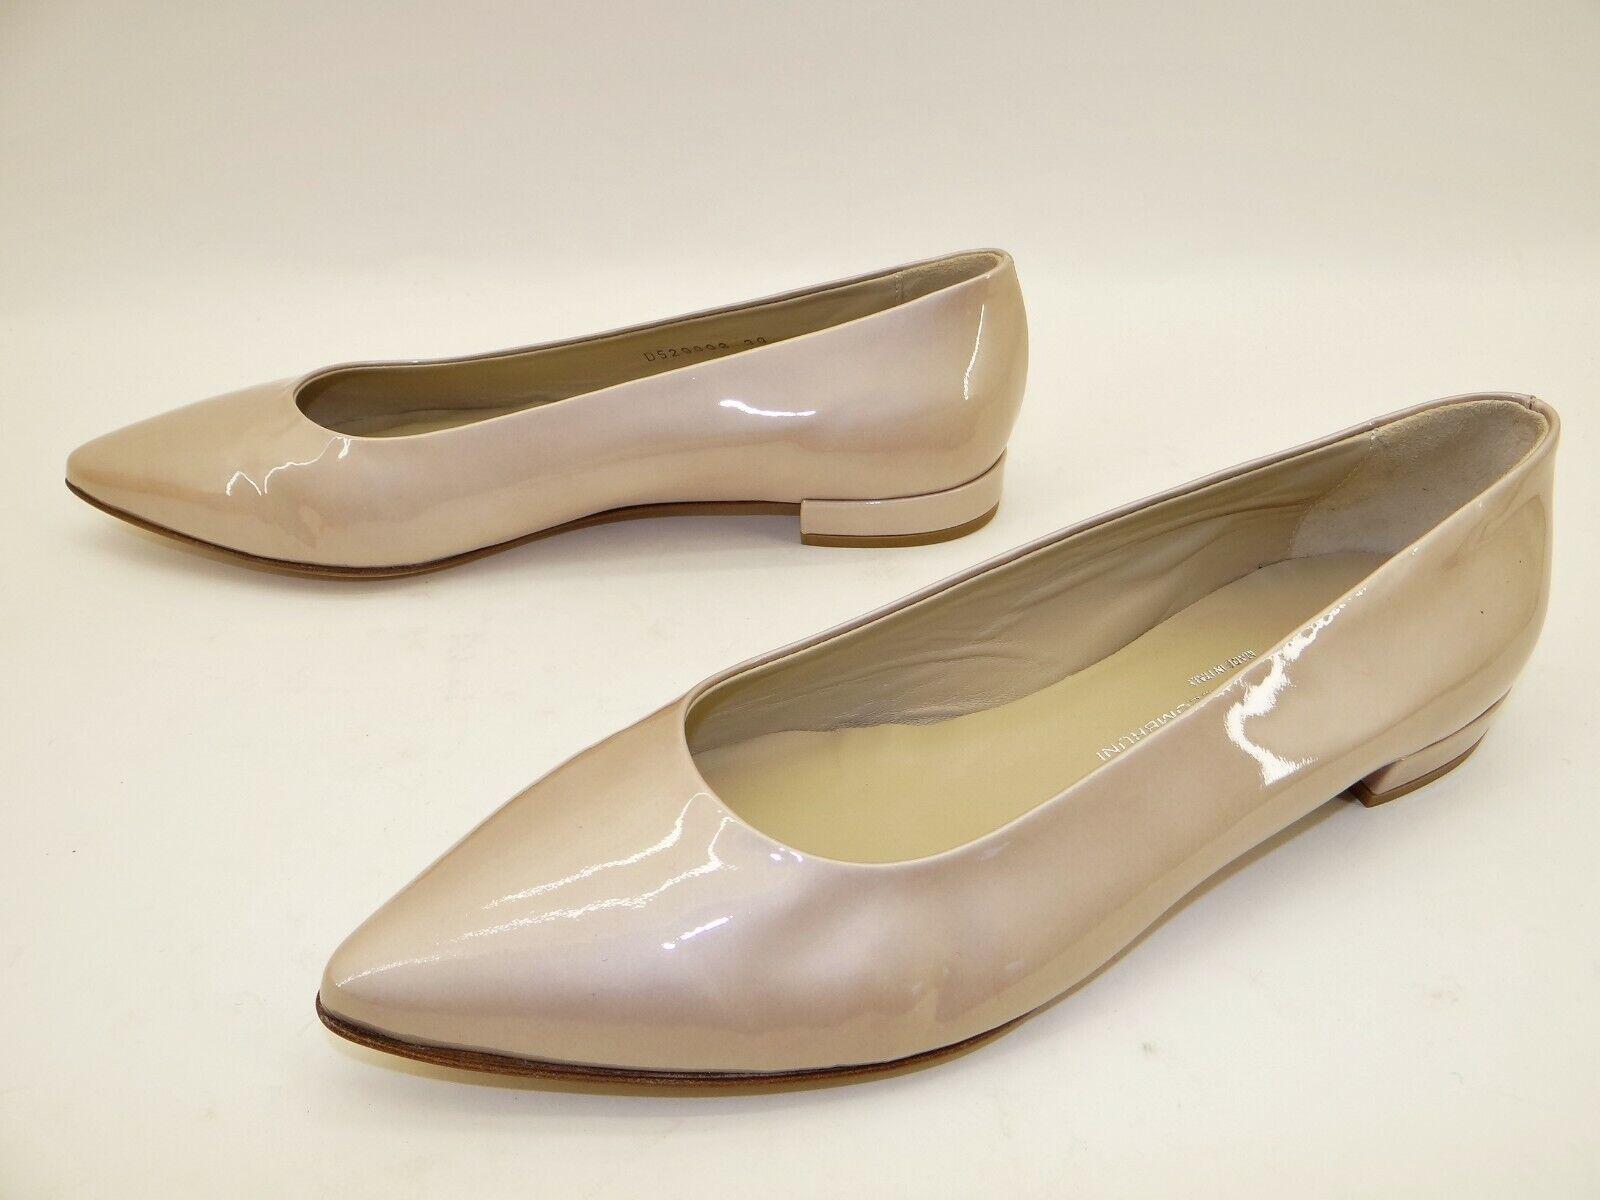 Luxus AGL Attilio Giusti Leombruni Damen Schuhe Flats Ballerinas Gr. 38,5  Beige